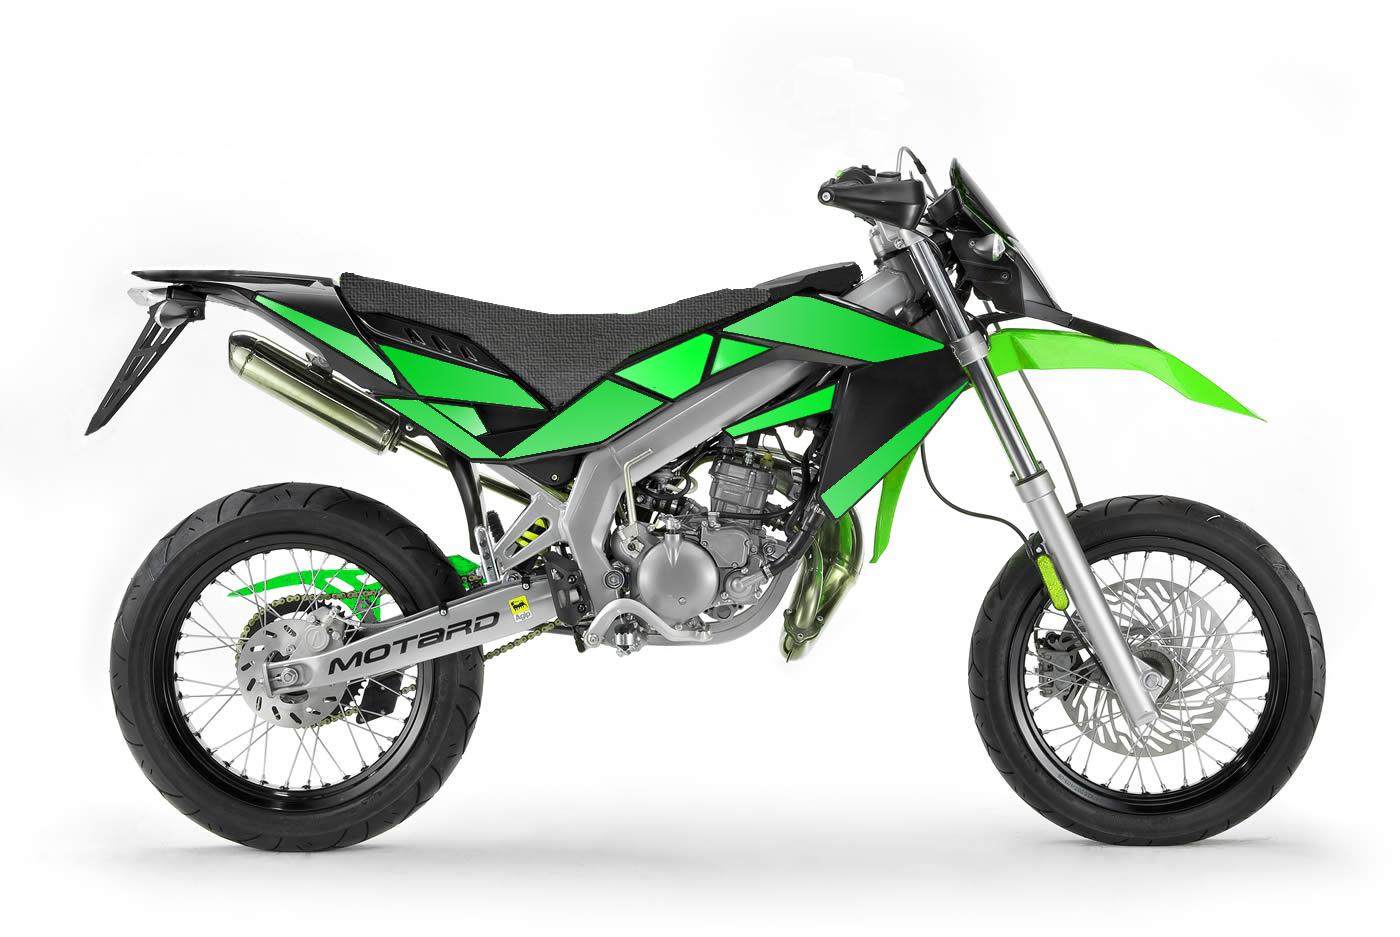 Aprillia SX 50 - 2010 - Green